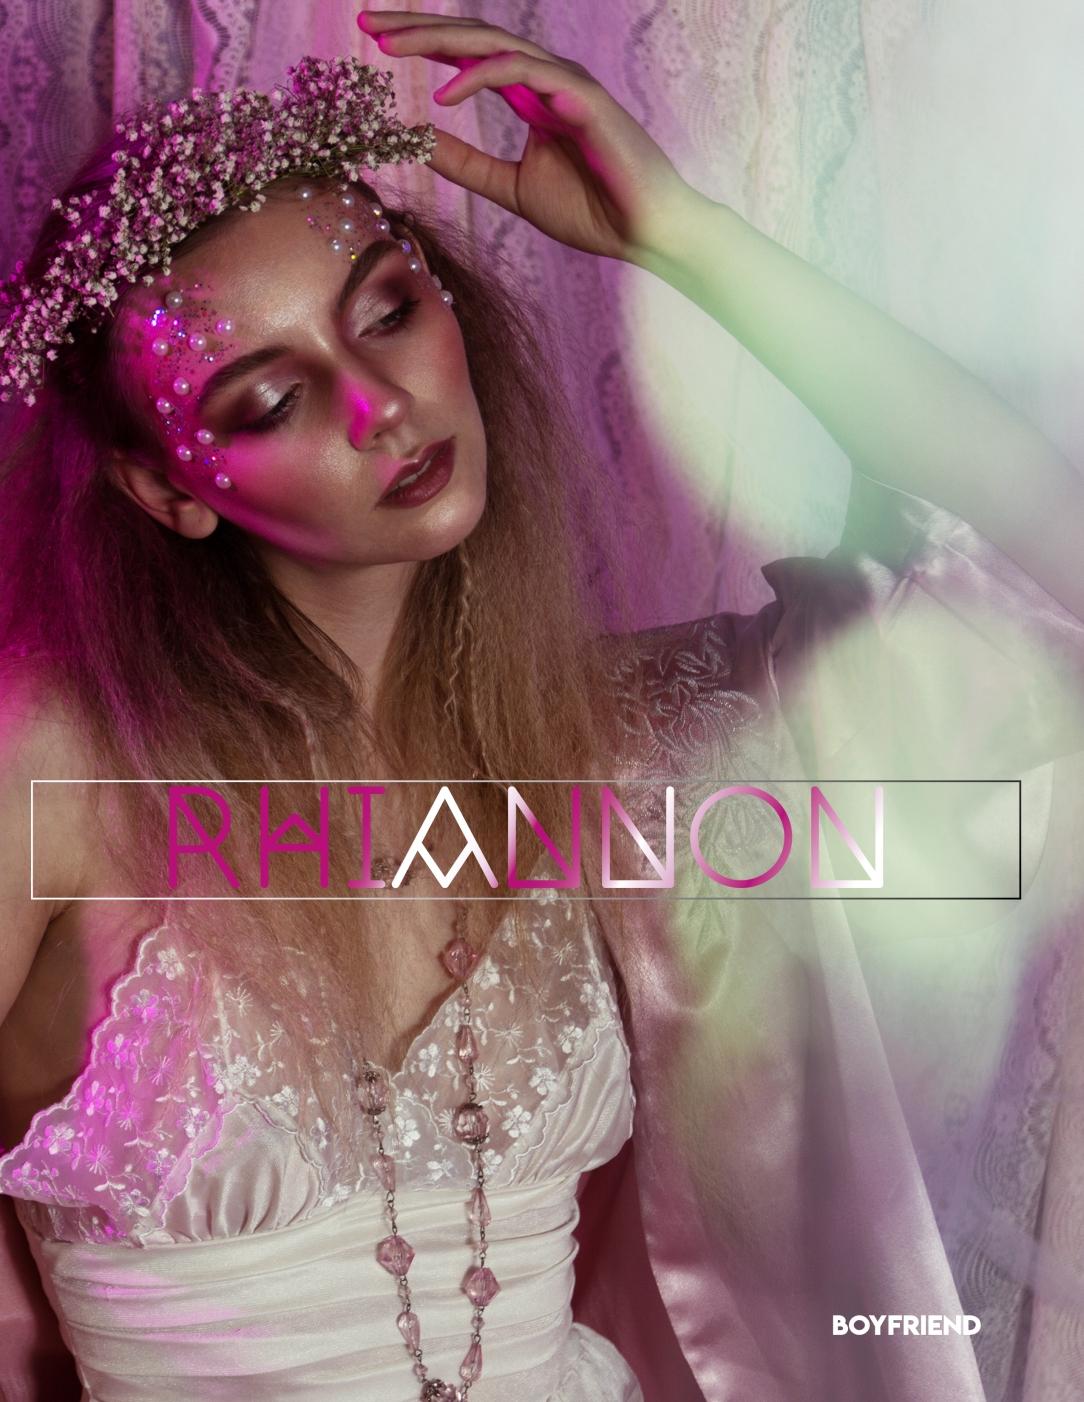 Boyfriend Mag - October 2018 - Rhiannon - Maia Komac